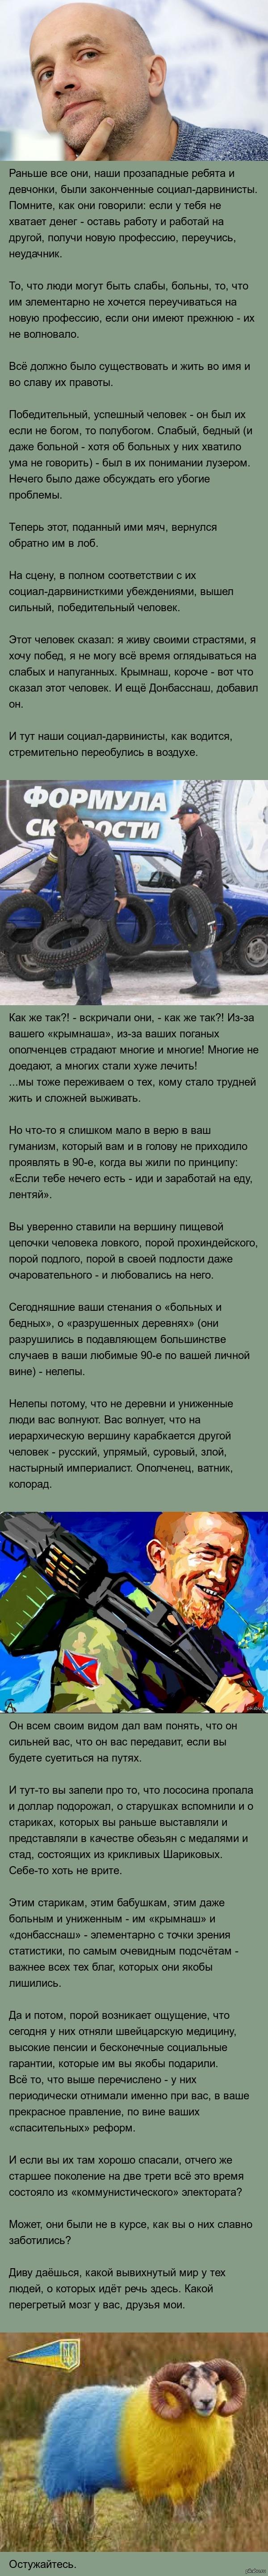 Новый Русский человек. http://svpressa.ru/society/article/117944/